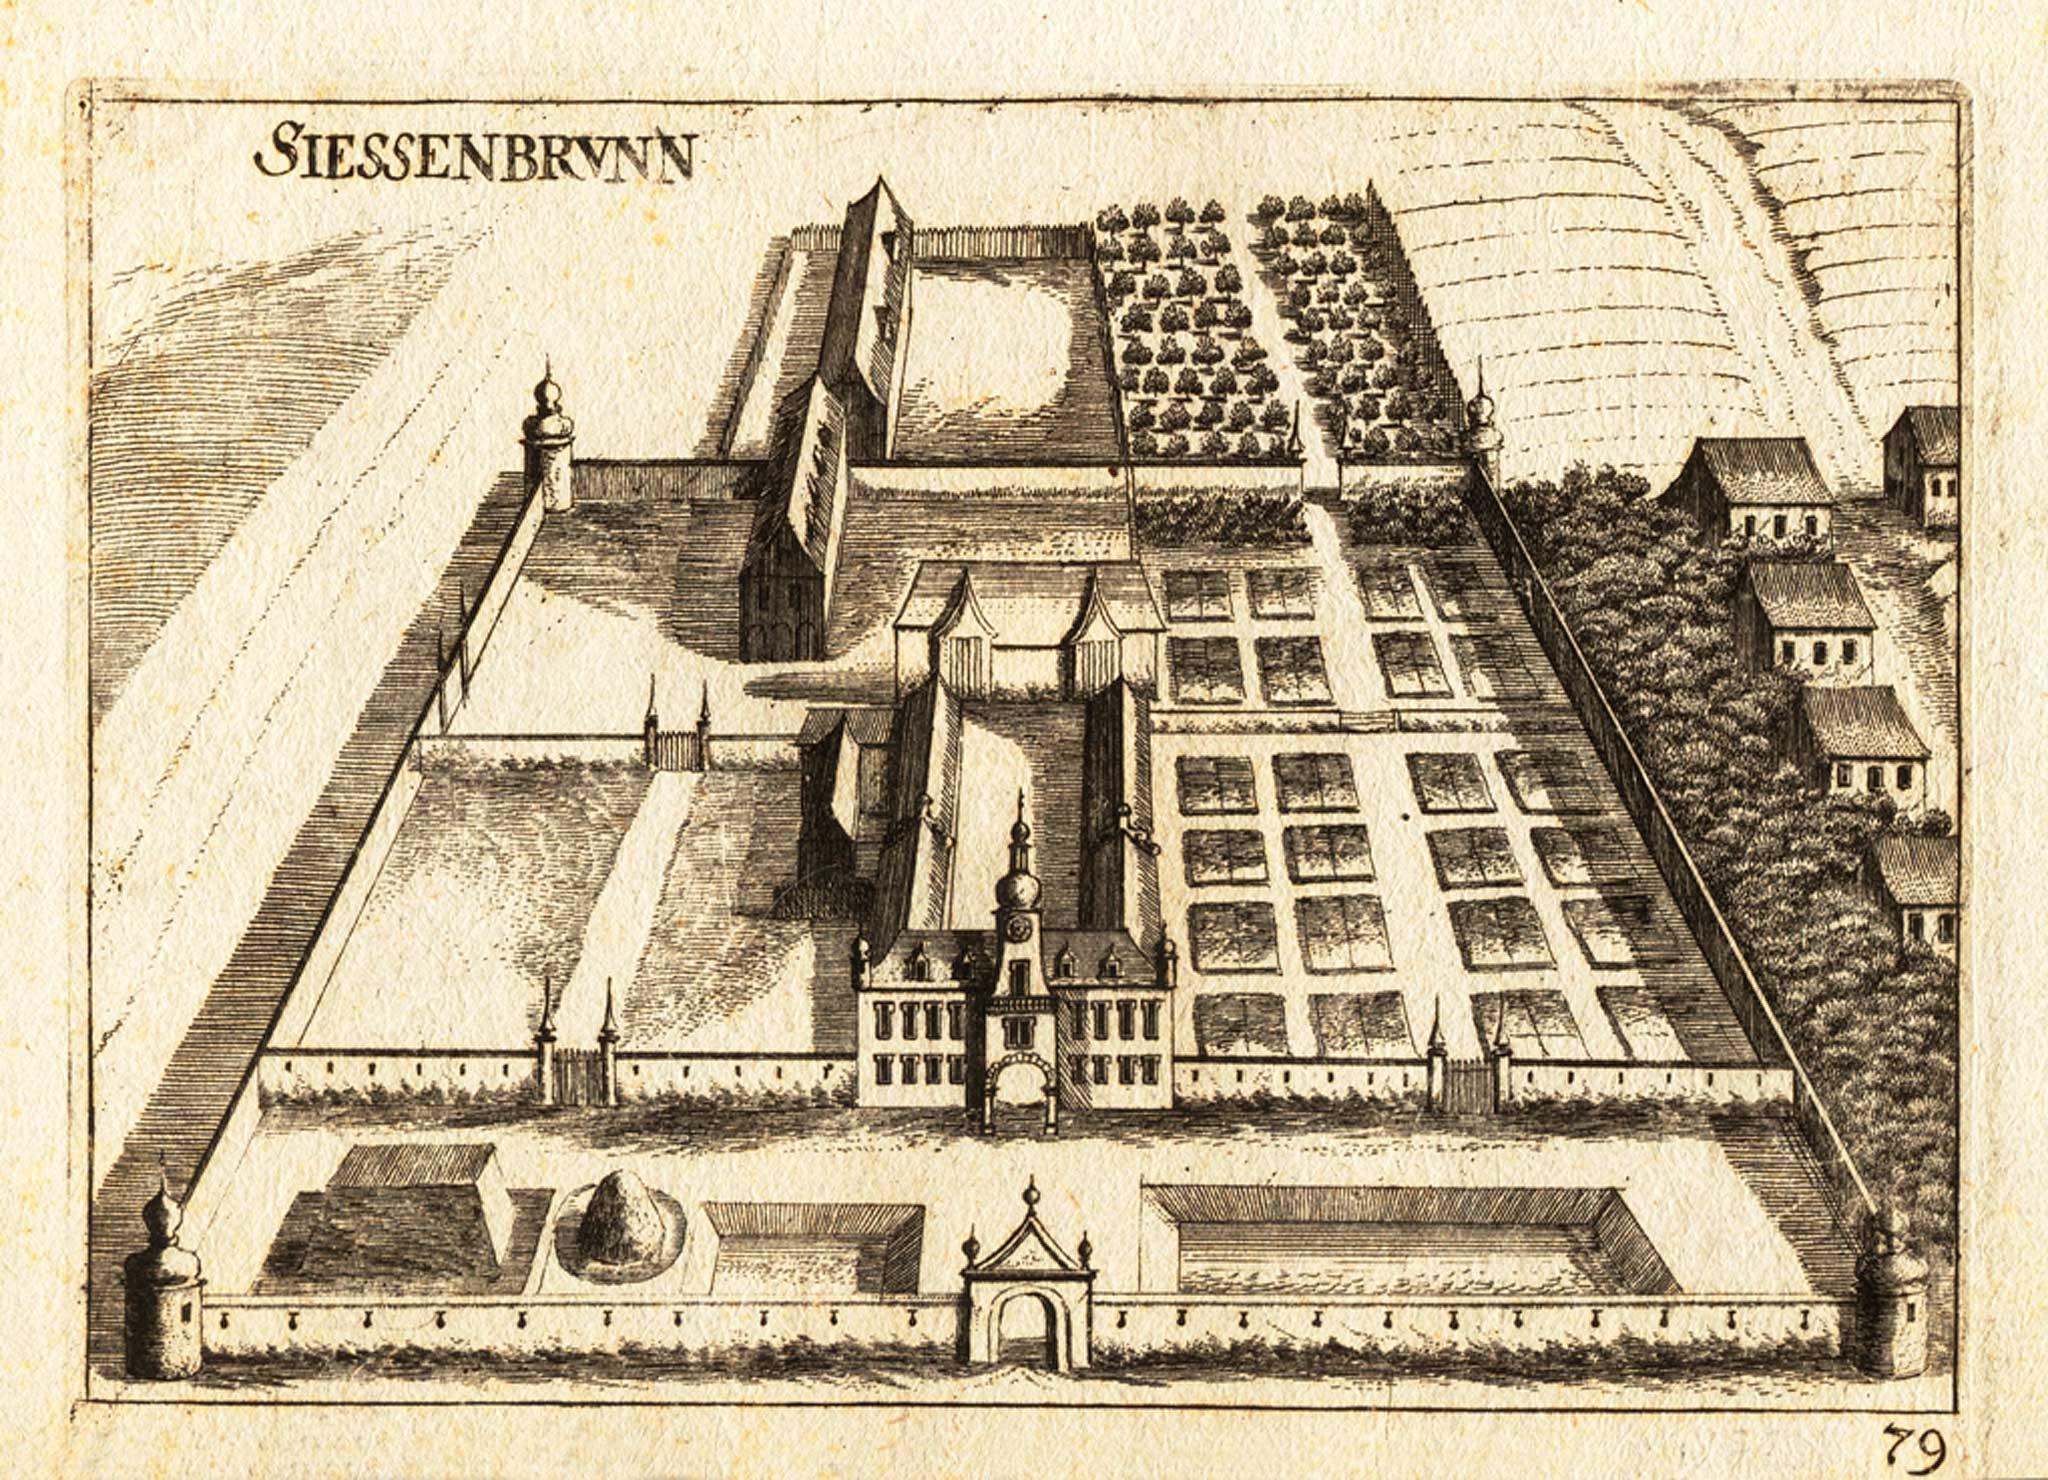 Viel hat sich im Laufe der Jahrhunderte in Süßenbrunn nicht verändert.